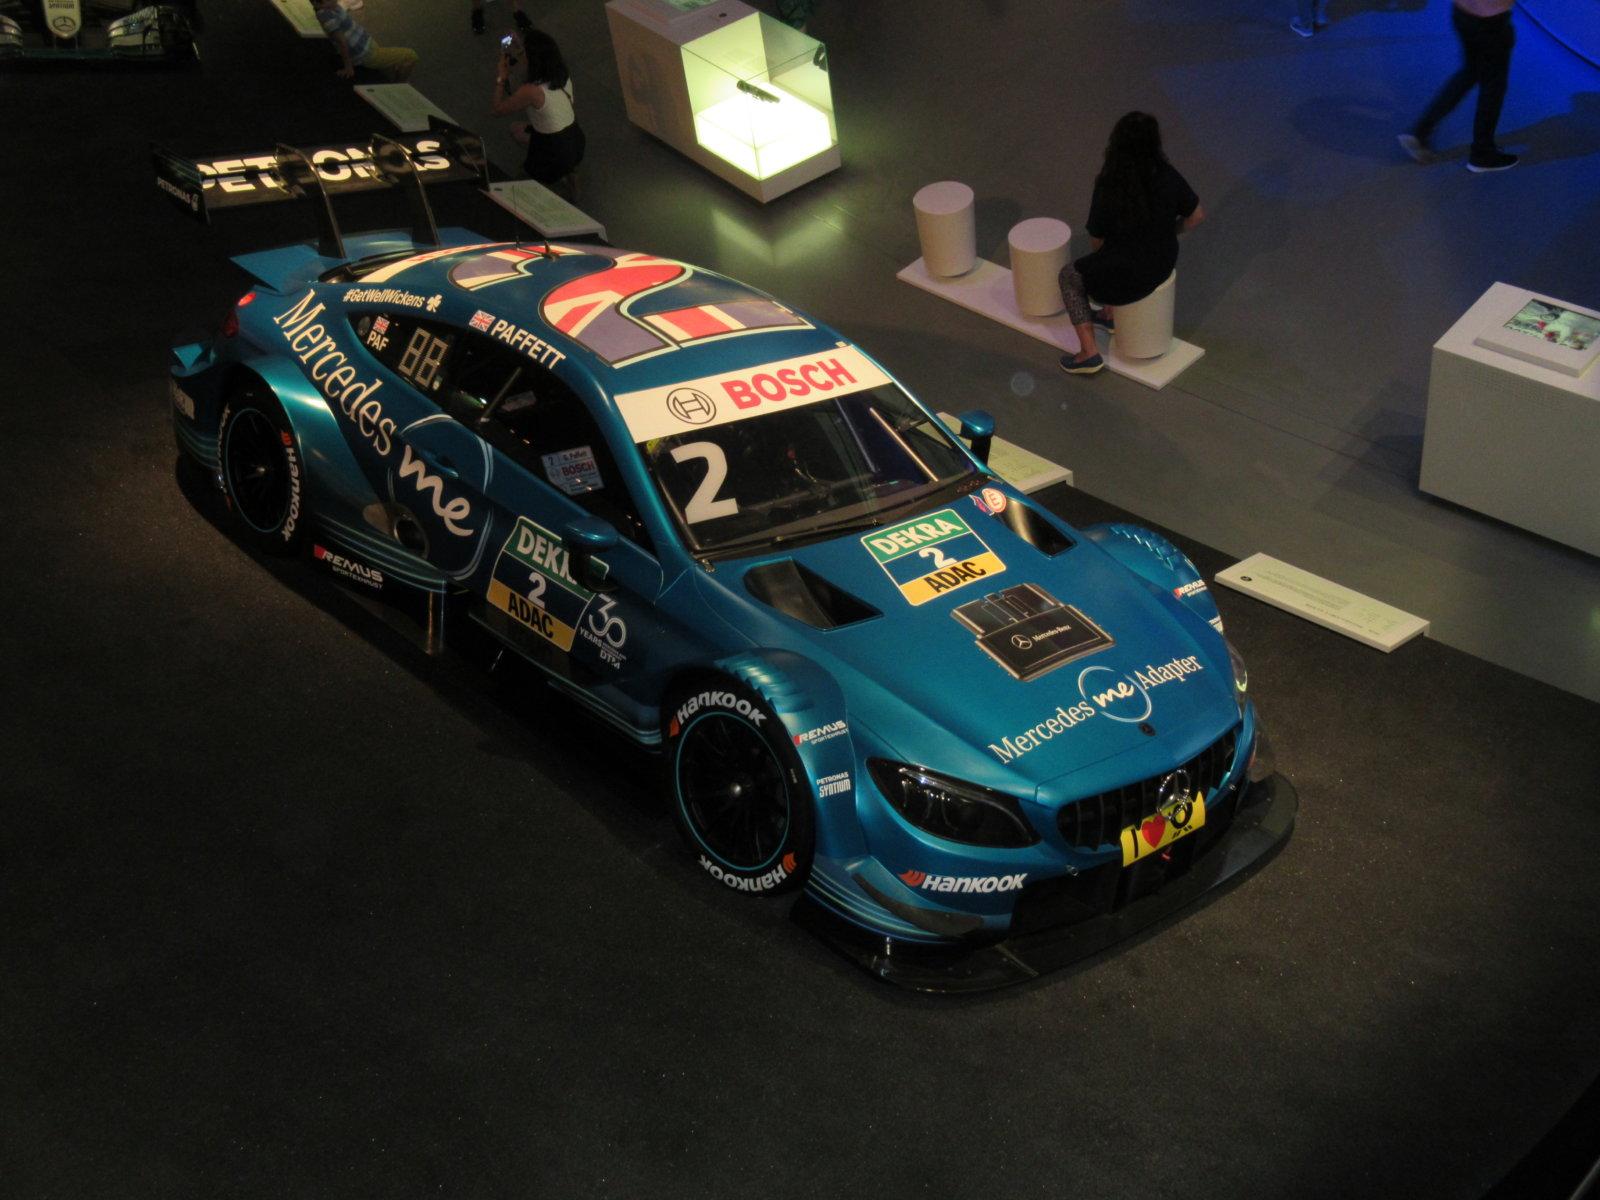 07-26 MB Race Car 04